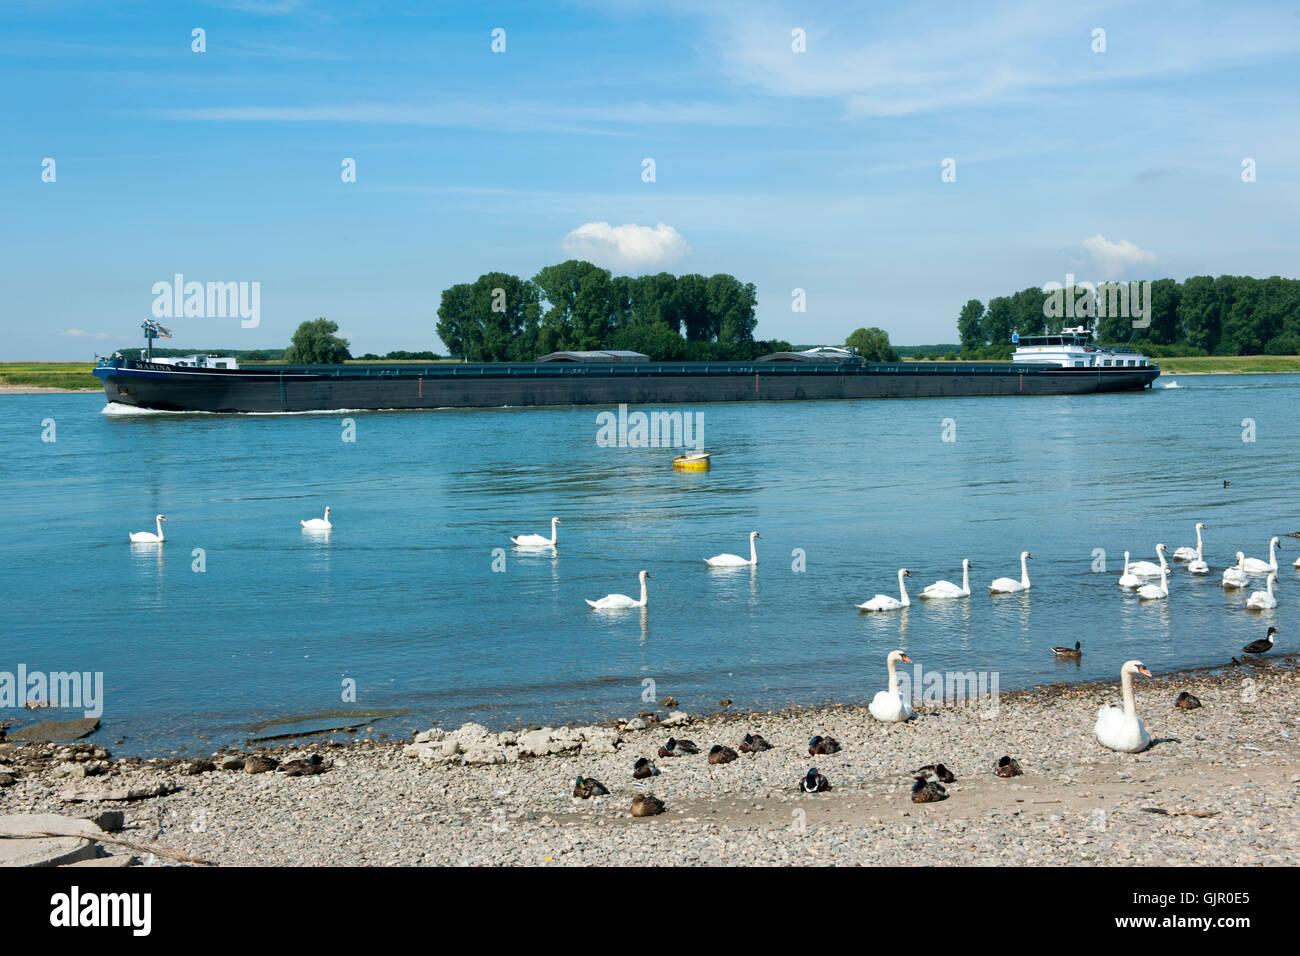 Deutschland, Leverkusen-Hitdorf, Rhein am Fähranleger Stock Photo